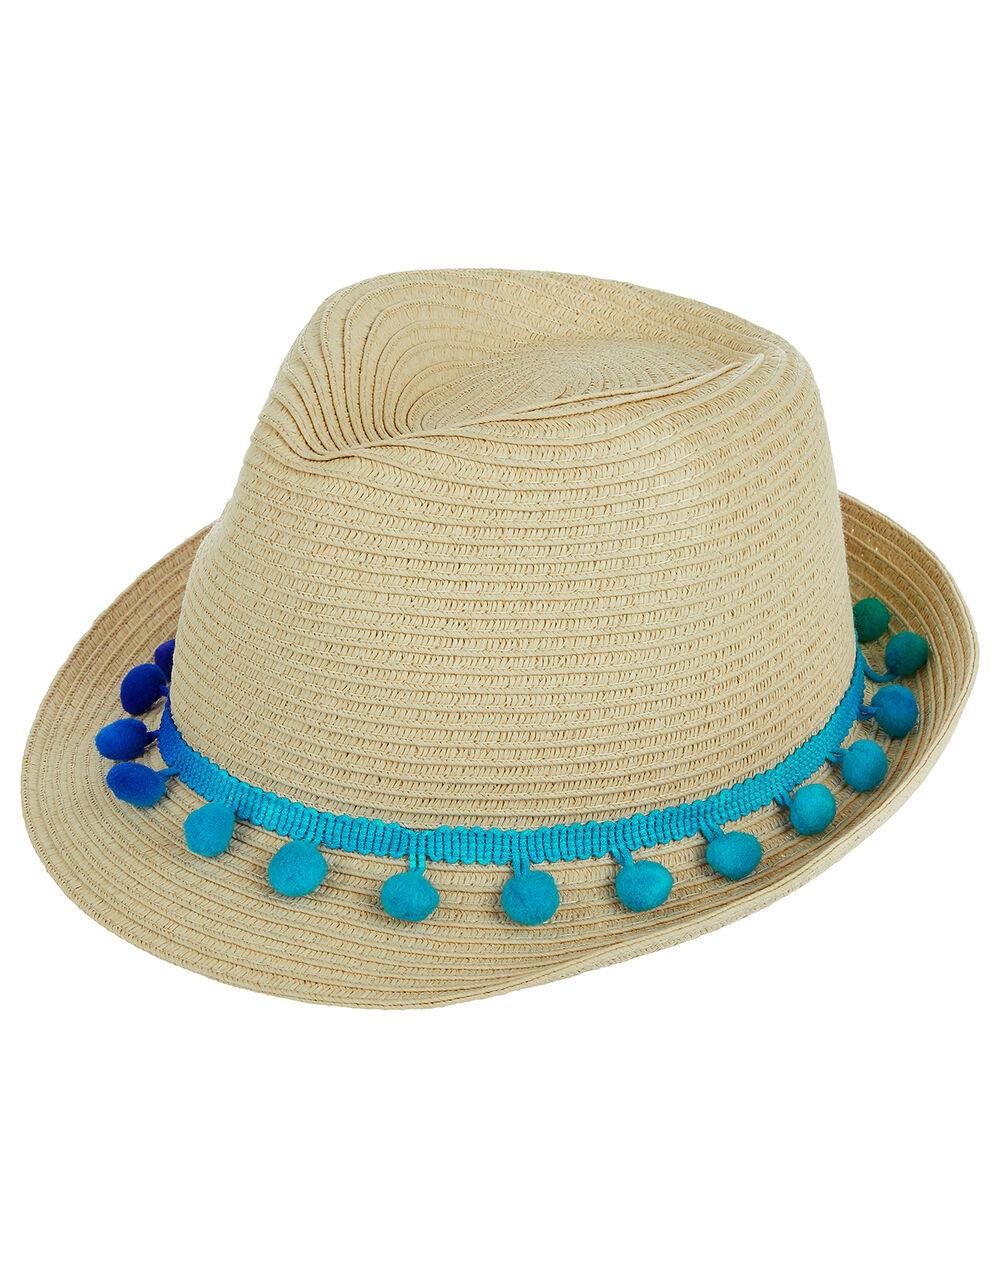 Pom-Pom Trilby Hat, Natural (NATURAL), large